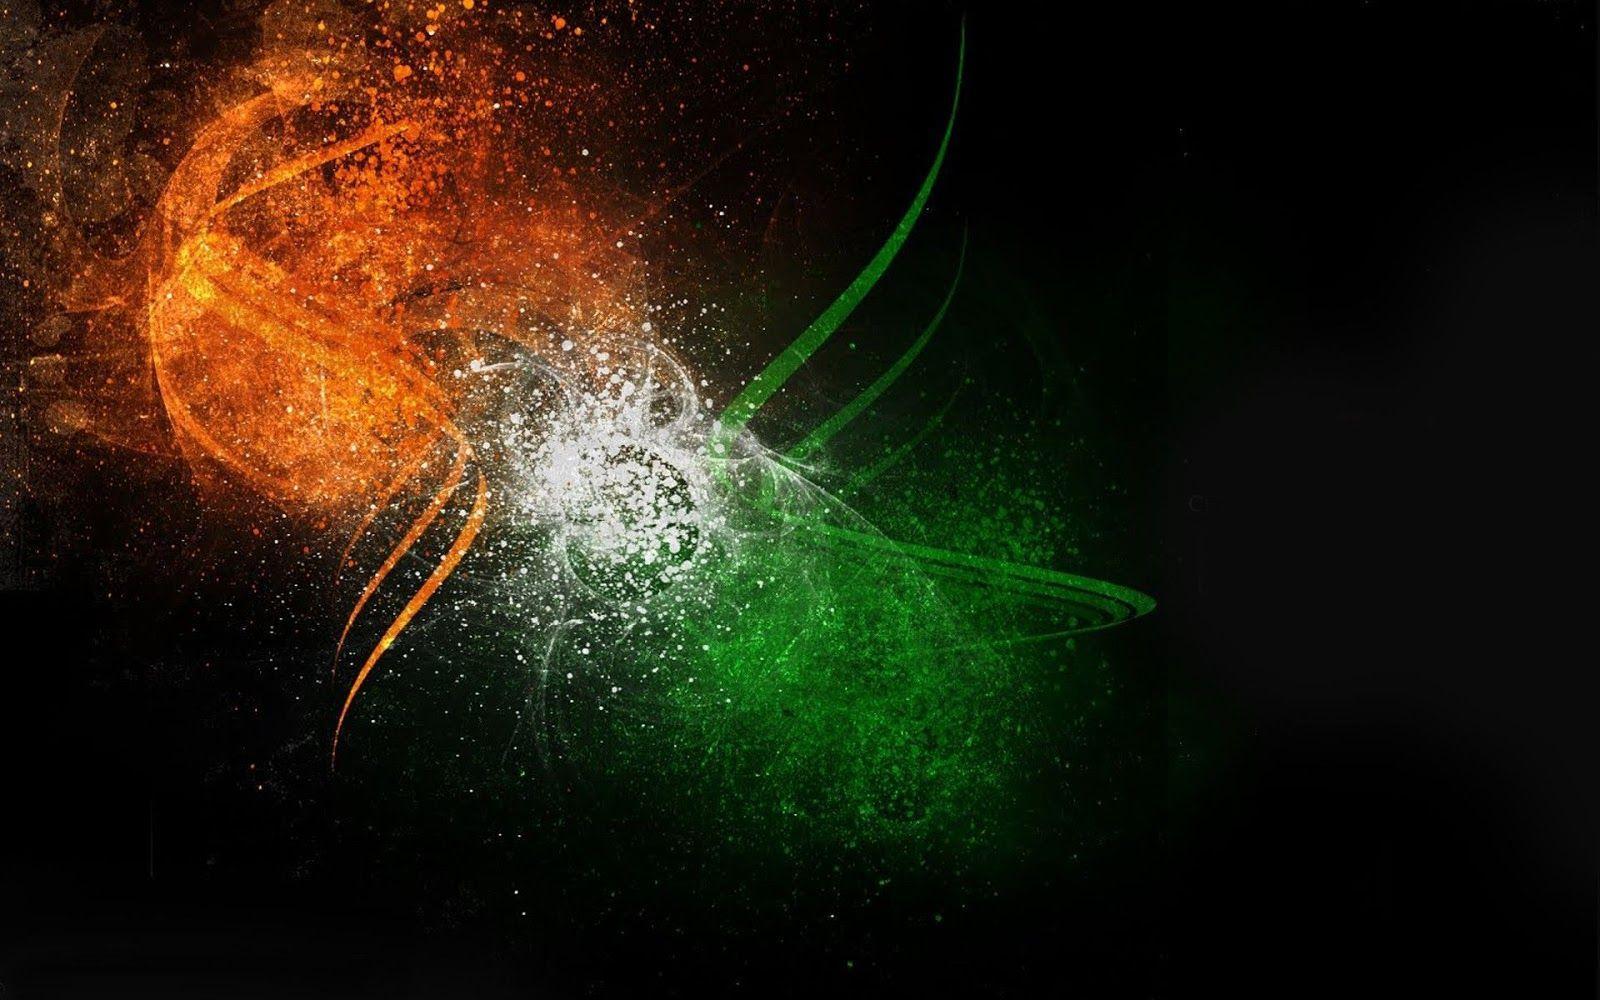 1600x1000 TOP *} Hình ảnh Cờ Ấn Độ.  Hình nền.  Hình ảnh cờ của Ấn Độ